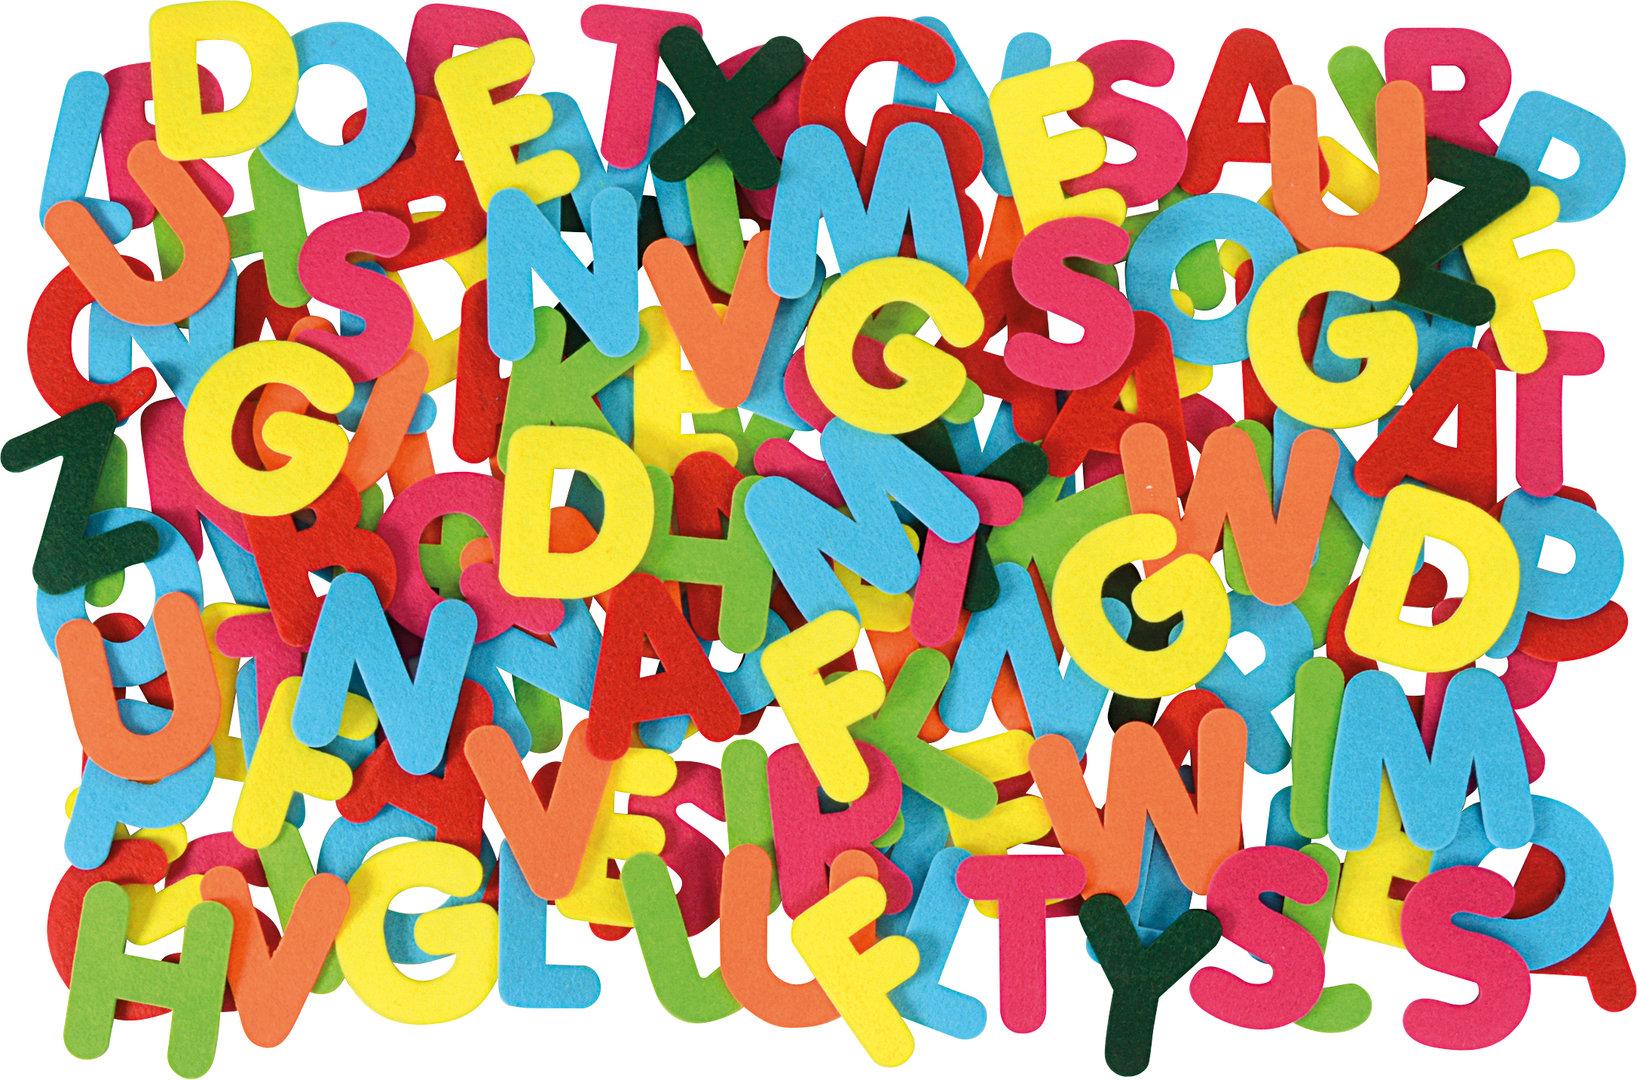 Buchstaben kennenlernen